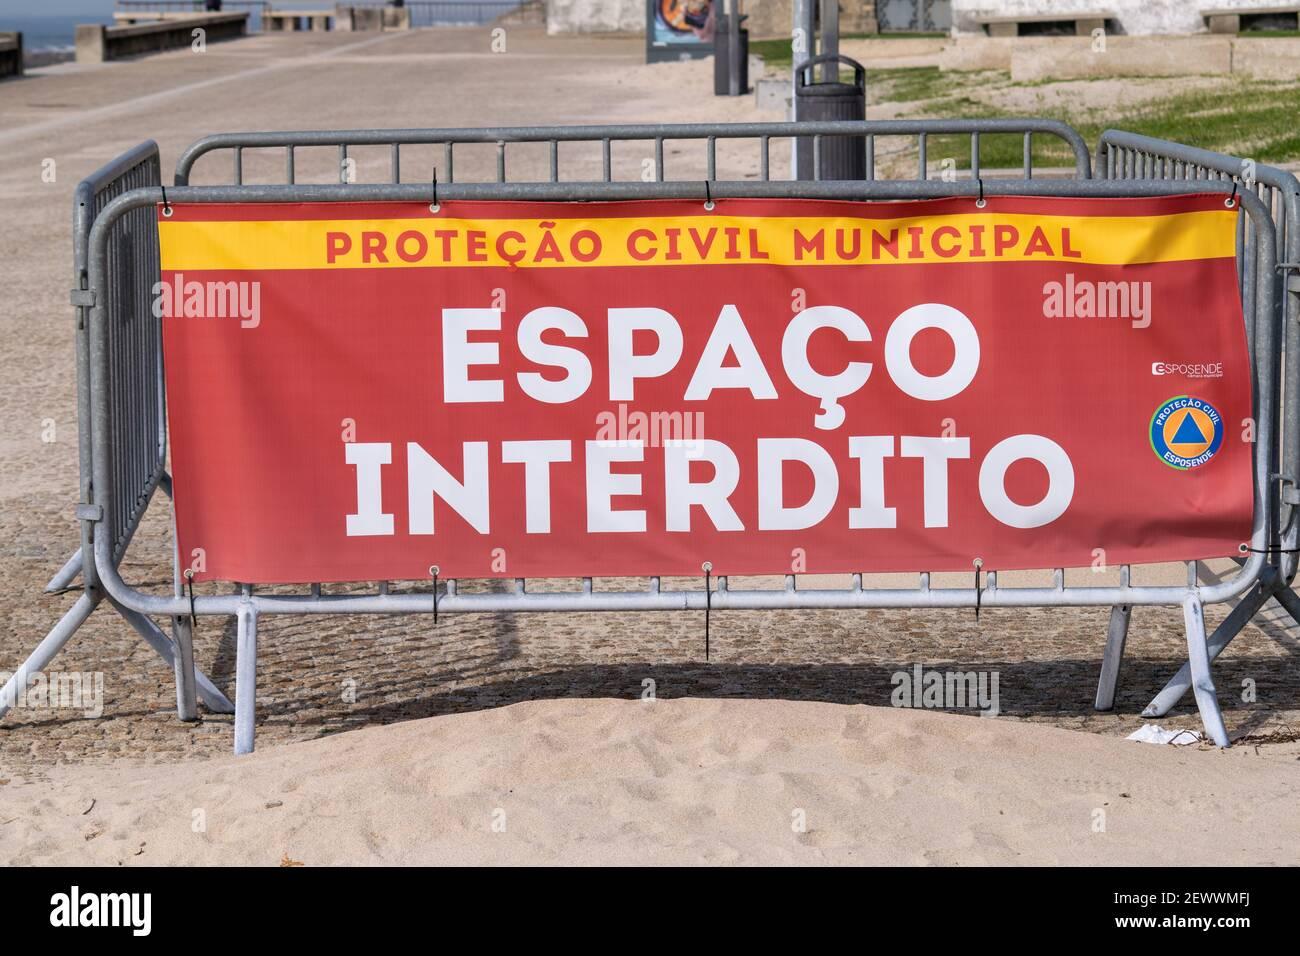 Firma Protecção civile Espaço interdito da Esposende Covid19 misure circa la distanza sociale in Portogallo. Espaço segno di Interdito Foto Stock